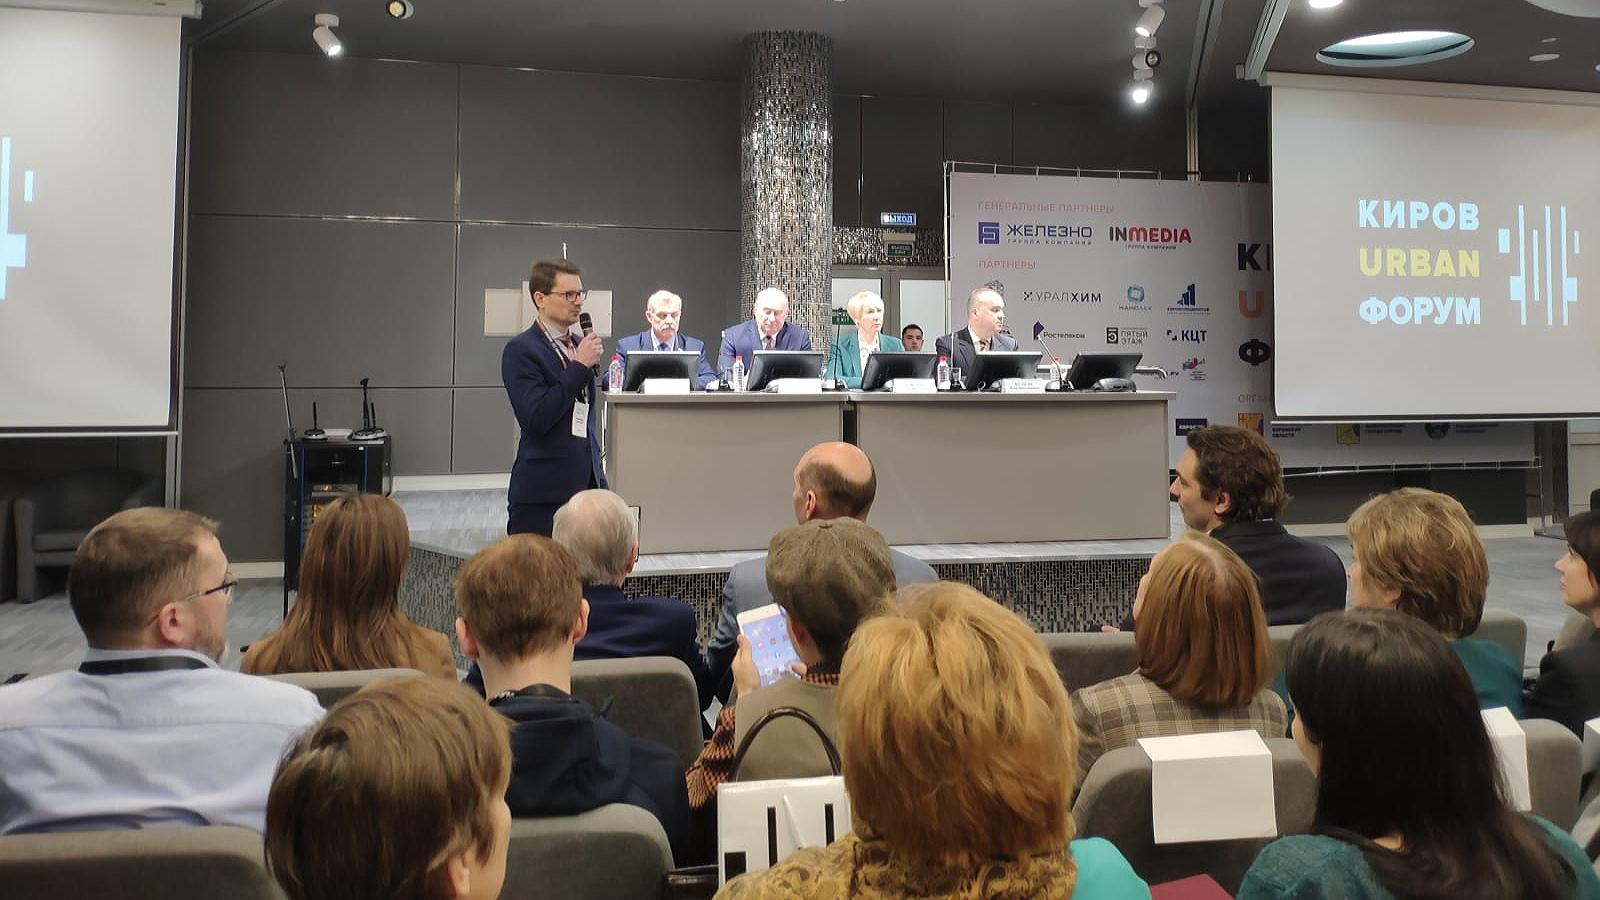 Наблюдать за «Киров Урбан Форумом» смогли пользователи со всего мира